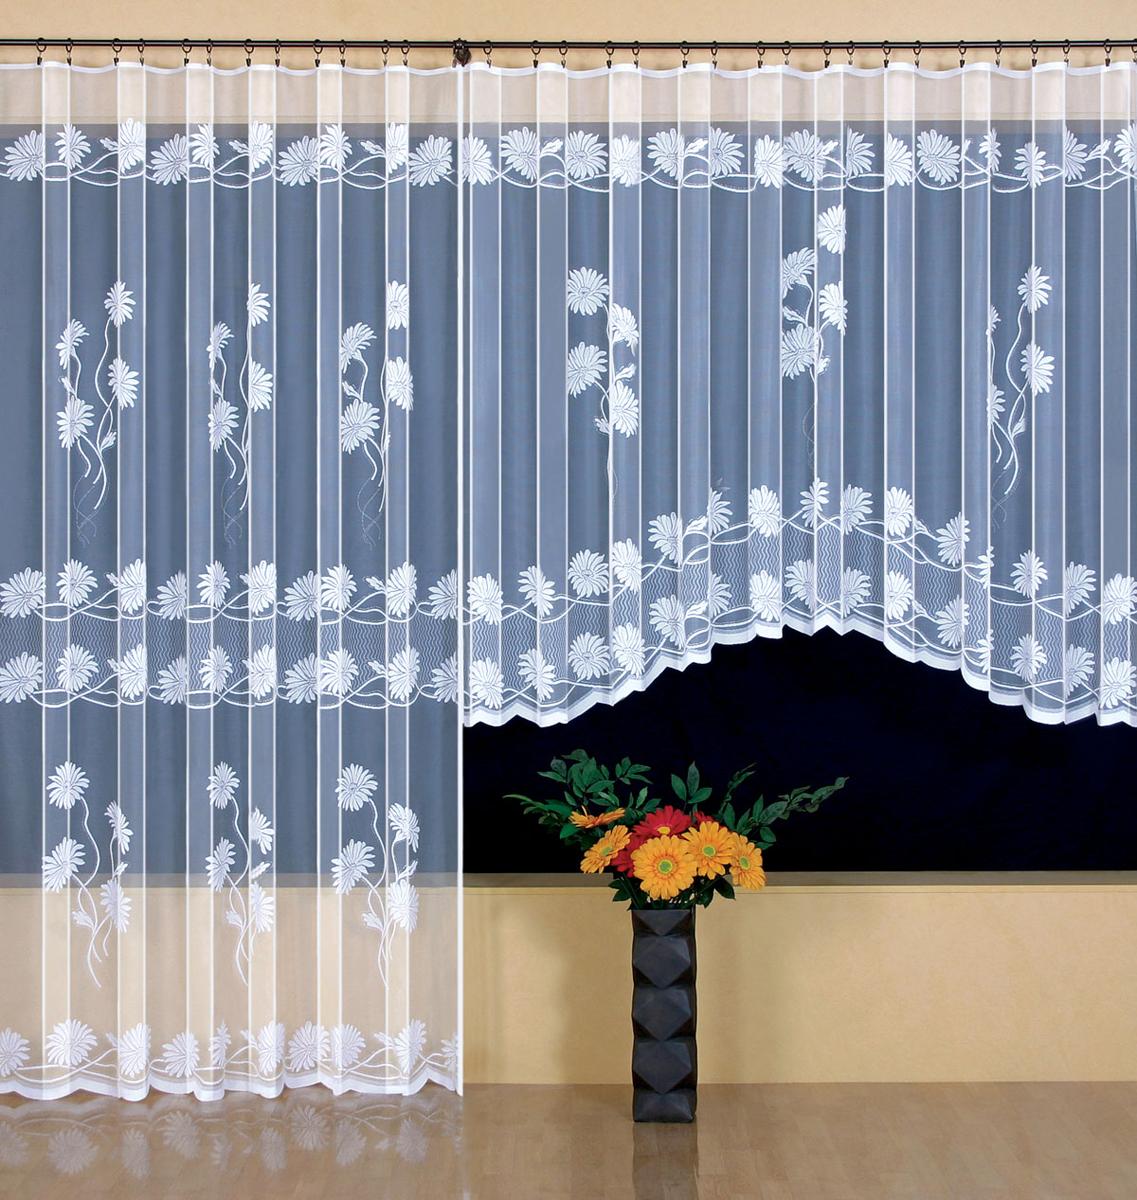 Гардина Wisan, на ленте, цвет: белый, высота 250 см. 94109410Жаккардовая гардина Wisan, выполненная из легкого полупрозрачного полиэстера, станет великолепным украшением окна в спальне или гостиной. Отлично подходит по размеру под балконный блок на прилегающее окно. Изделие дополнено красивым цветочным узором по всей поверхности полотна. Качественный материал, тонкое плетение и оригинальный дизайн привлекут к себе внимание и позволят гардине органично вписаться в интерьер помещения. Гардина оснащена шторной лентой под зажимы для крепления на карниз. Уважаемые клиенты!Обращаем ваше внимание, что в комплект входит одна гардина. Фото с двумя гардинами, данное в интерьере, служит для визуального восприятия товара.